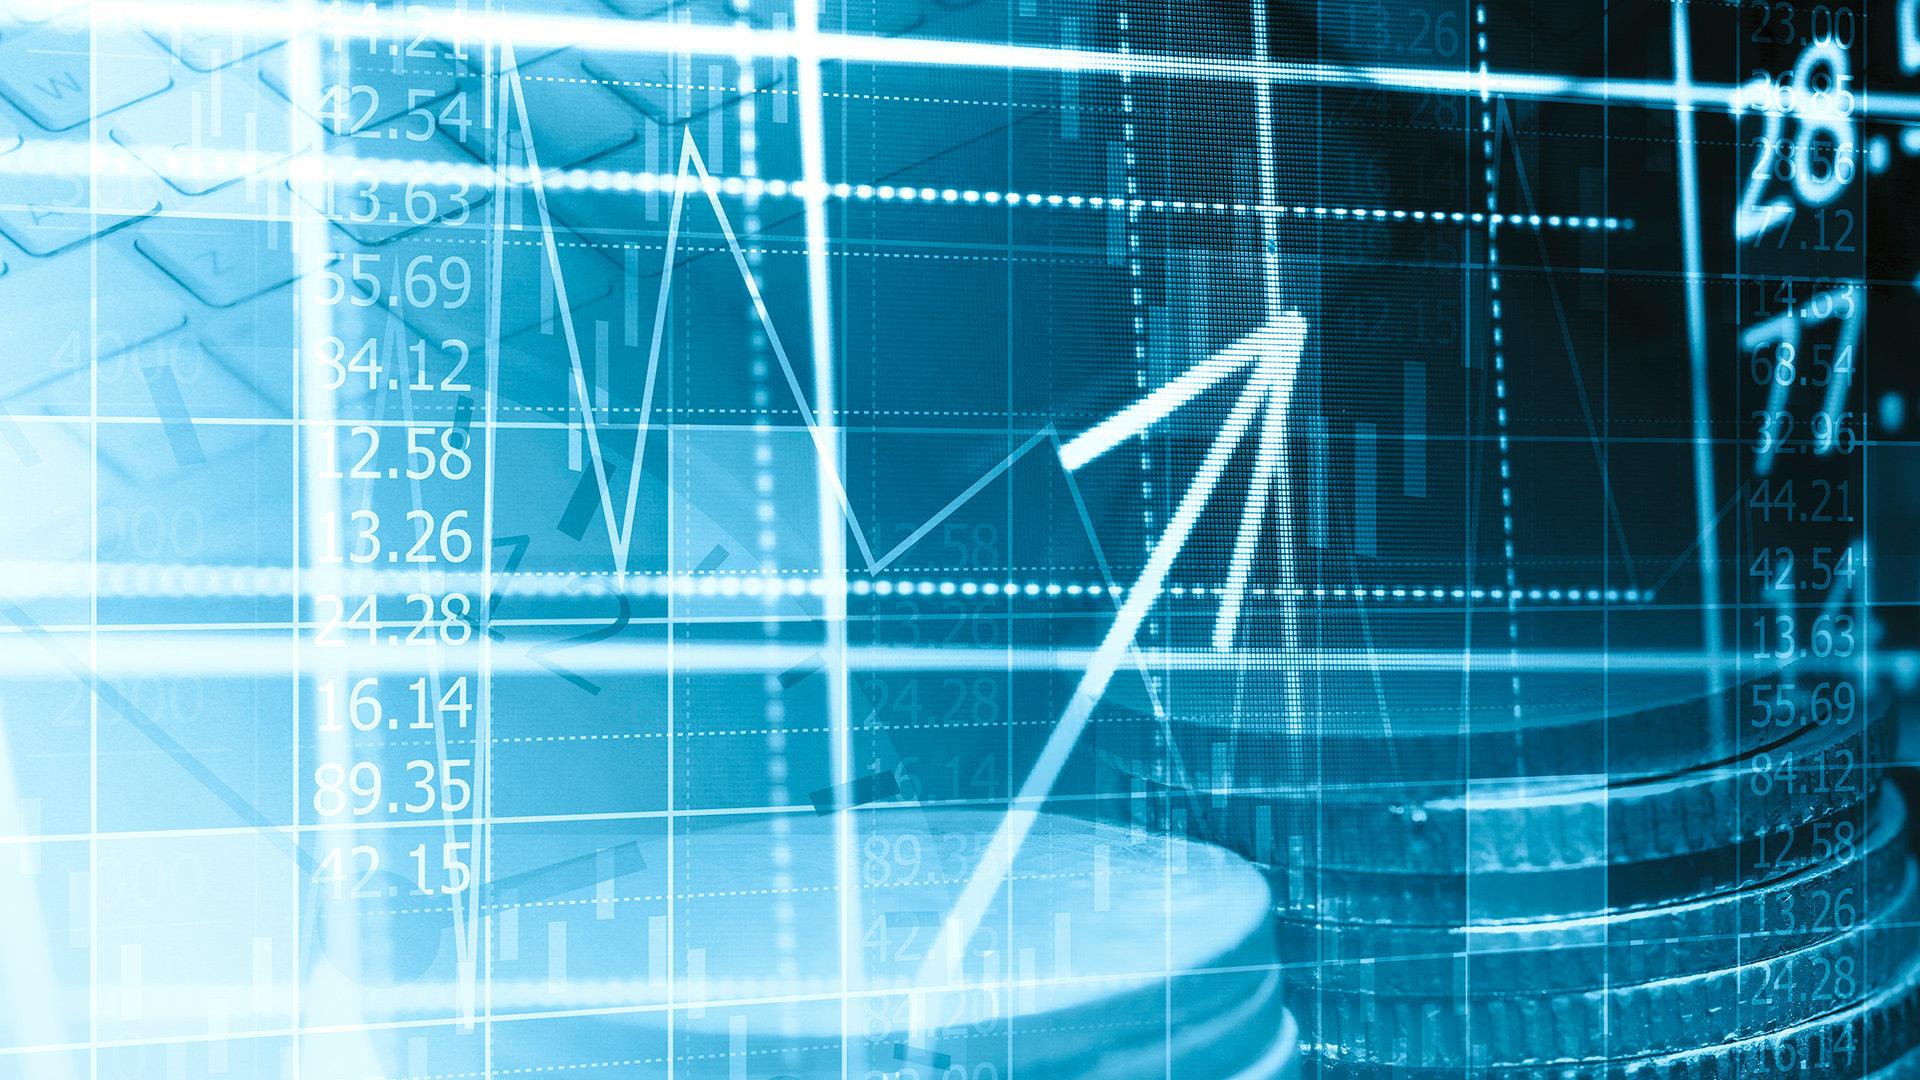 https://accionistaseinversores.bbva.com/wp-content/uploads/2017/05/El-Fondo-de-Garantía-de-Depósitos-Europeo-y-la-exposición-al-riesgo-soberano-dos-debates-separados.jpg